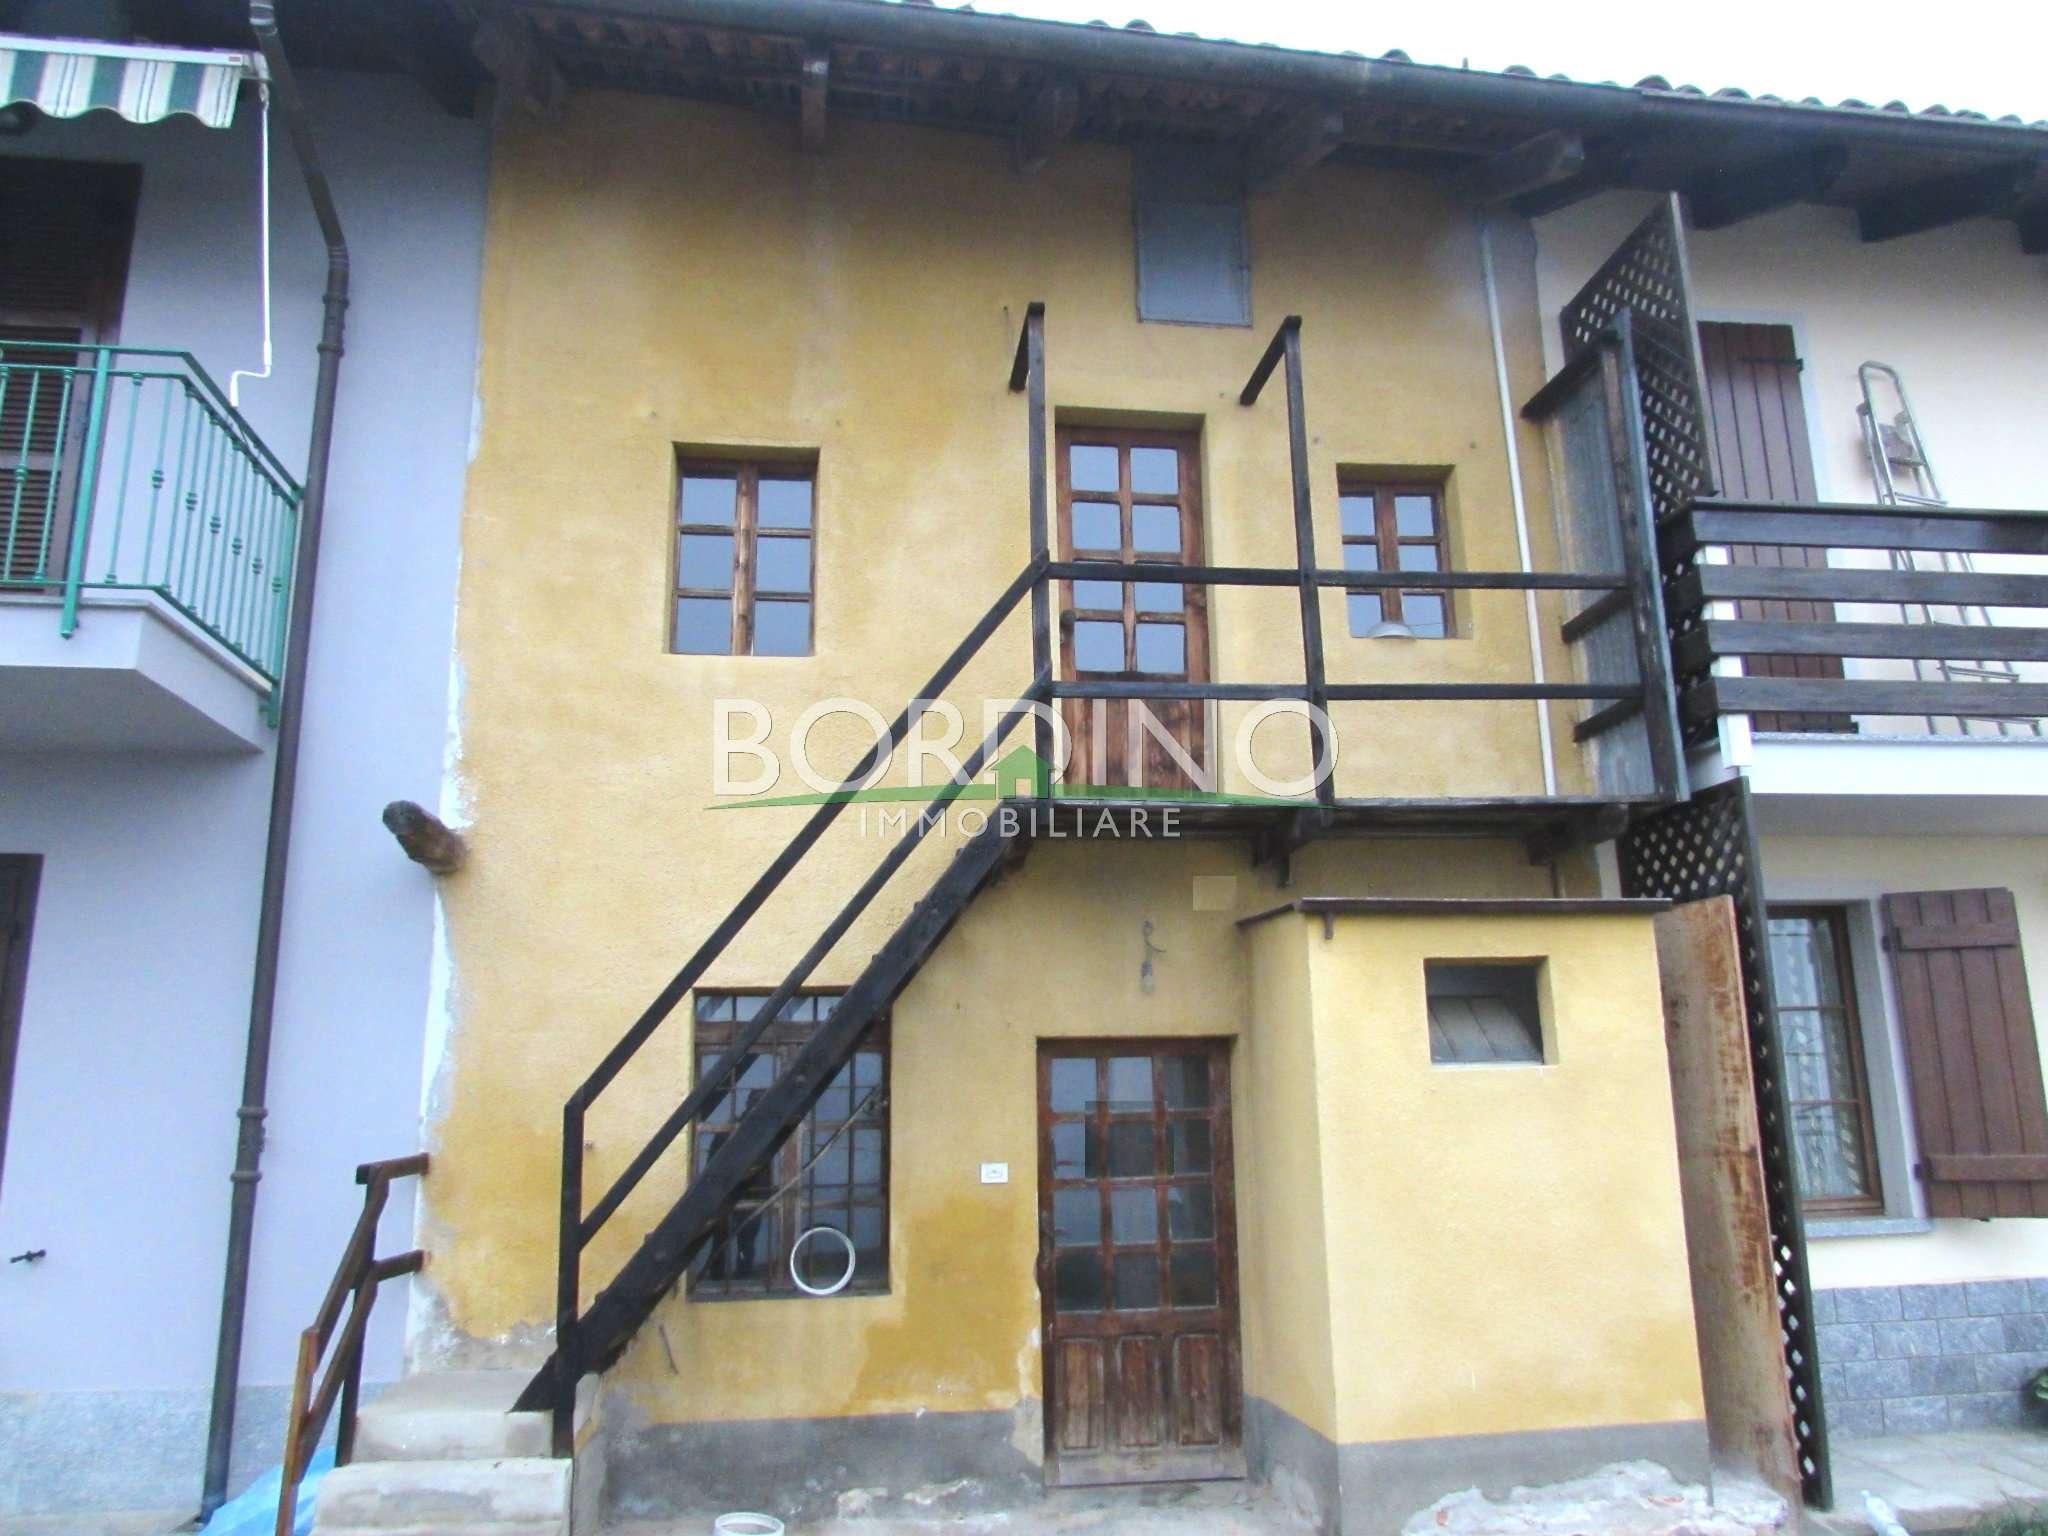 Soluzione Indipendente in vendita a Cisterna d'Asti, 3 locali, prezzo € 30.000   CambioCasa.it